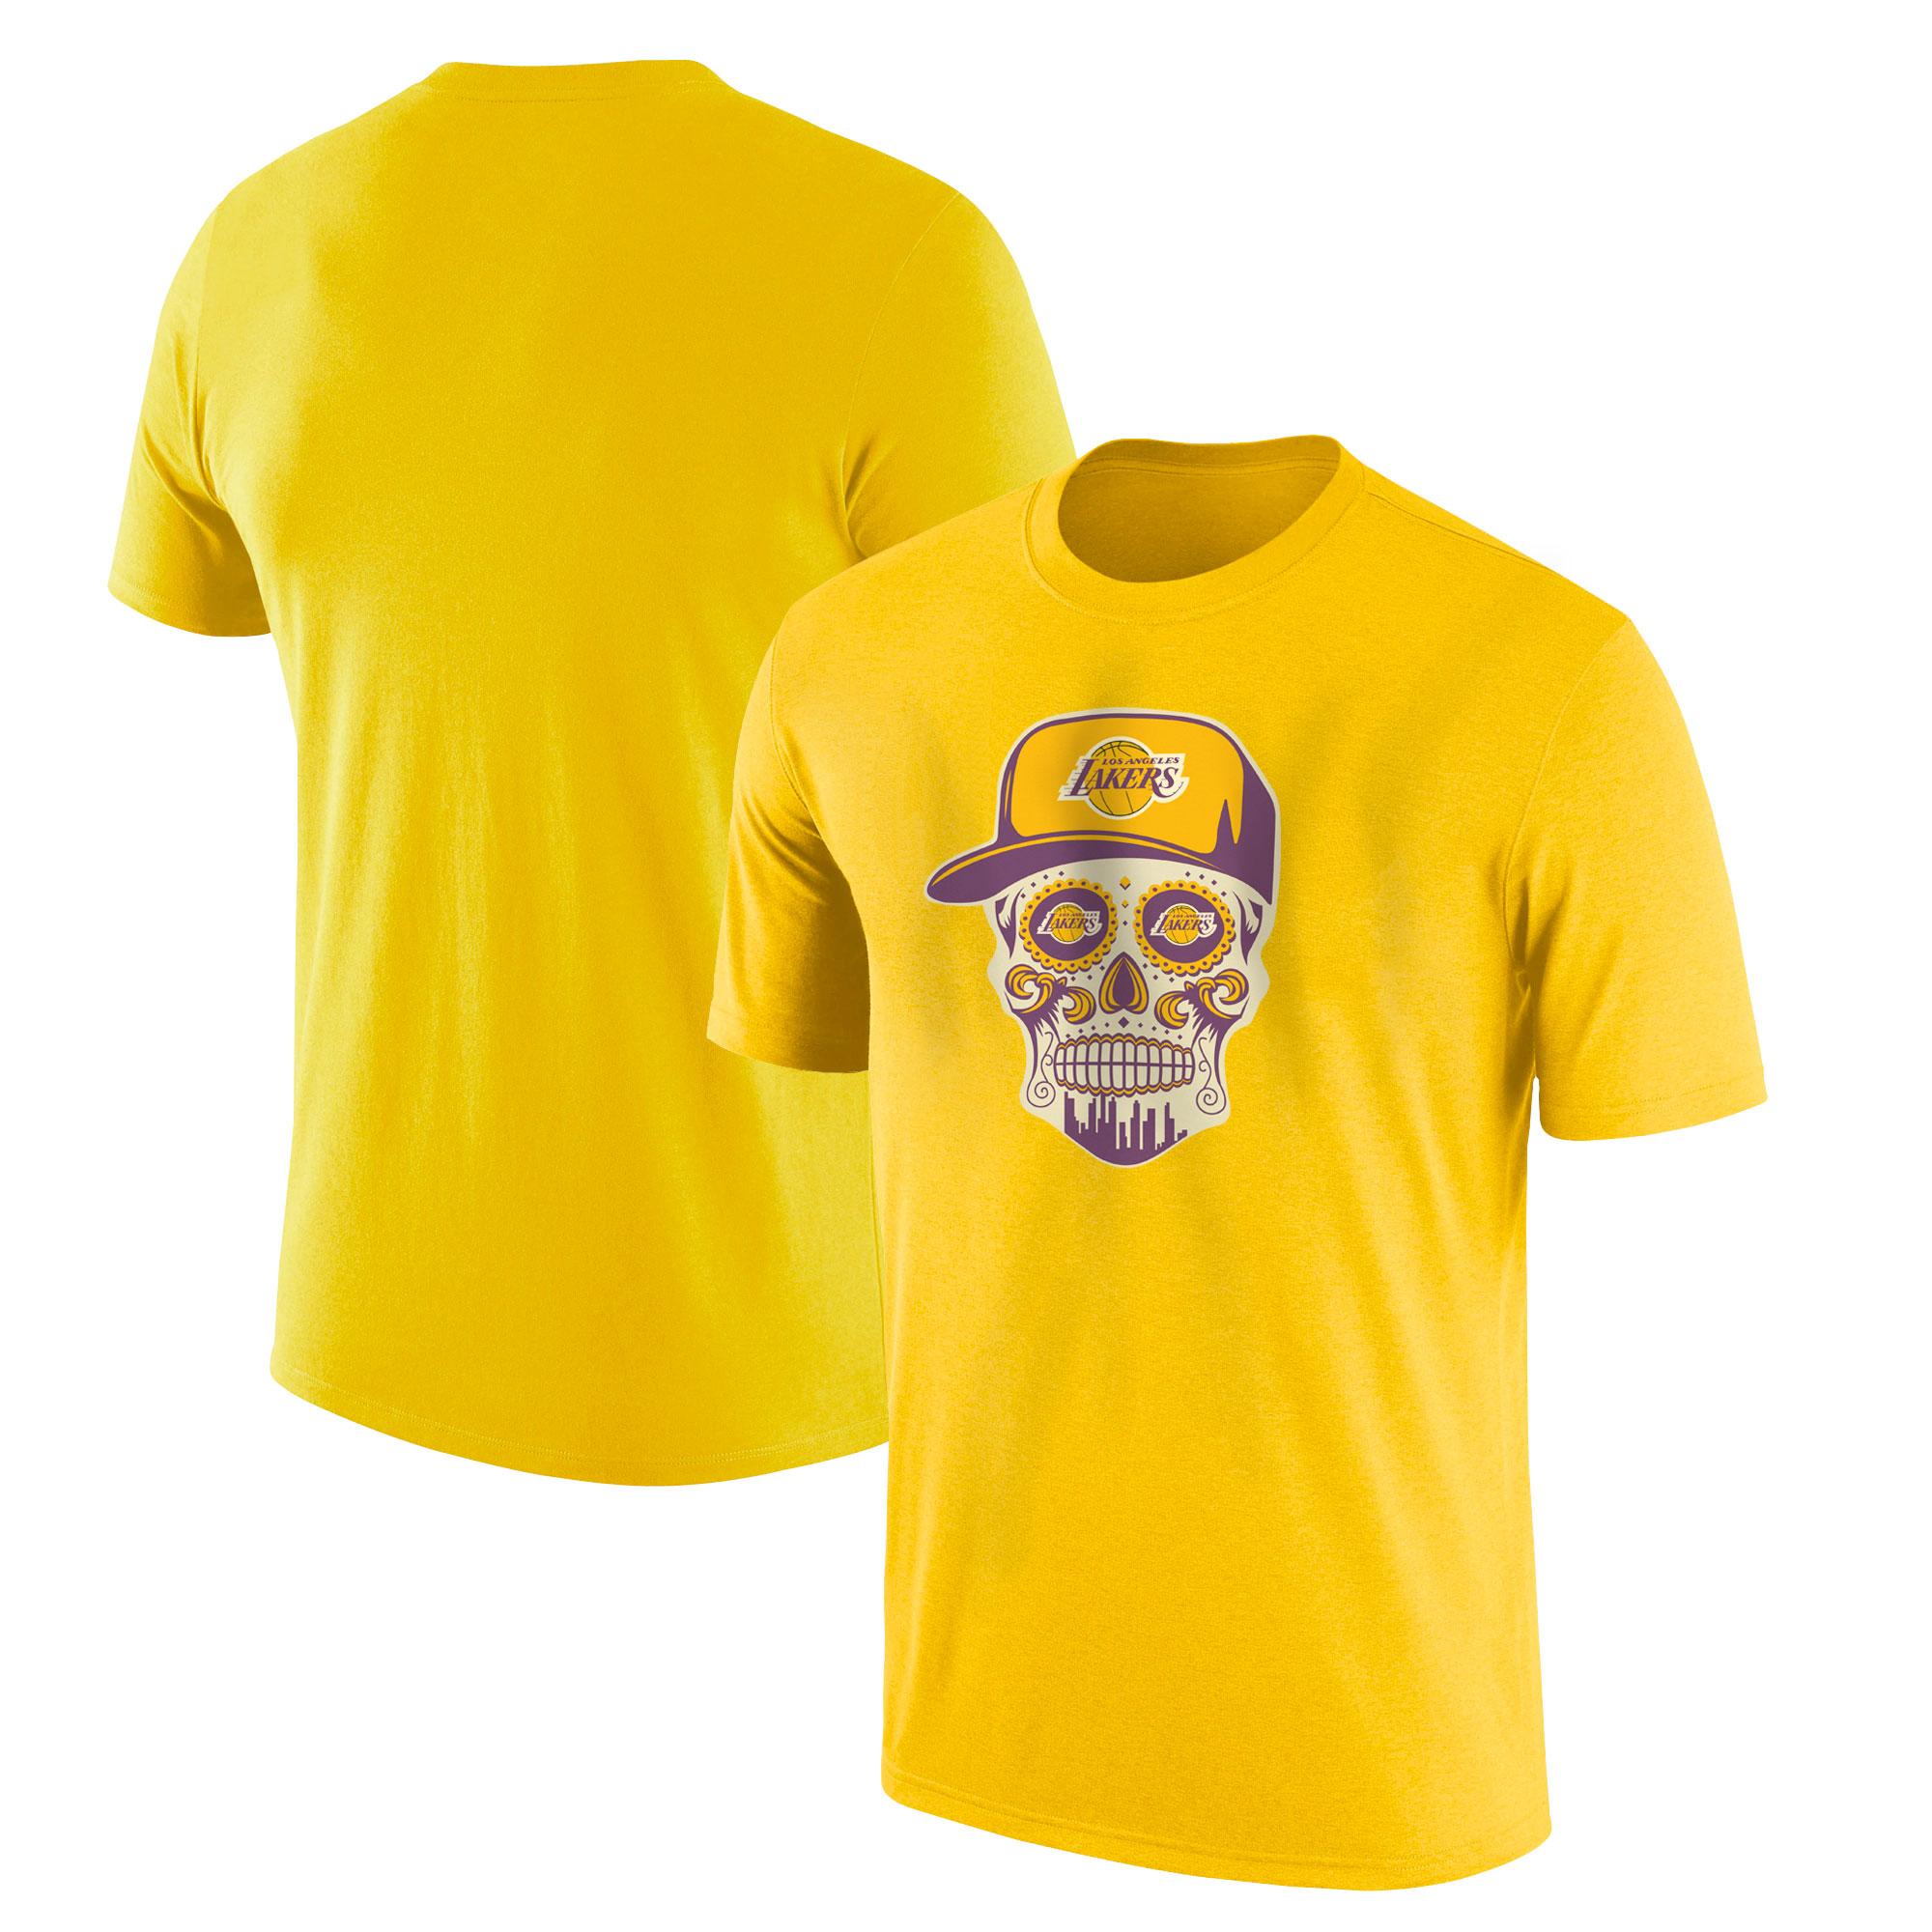 Lakers Skull Tshirt (TSH-YLW-NP-454-NBA-LKRS-SKULL)